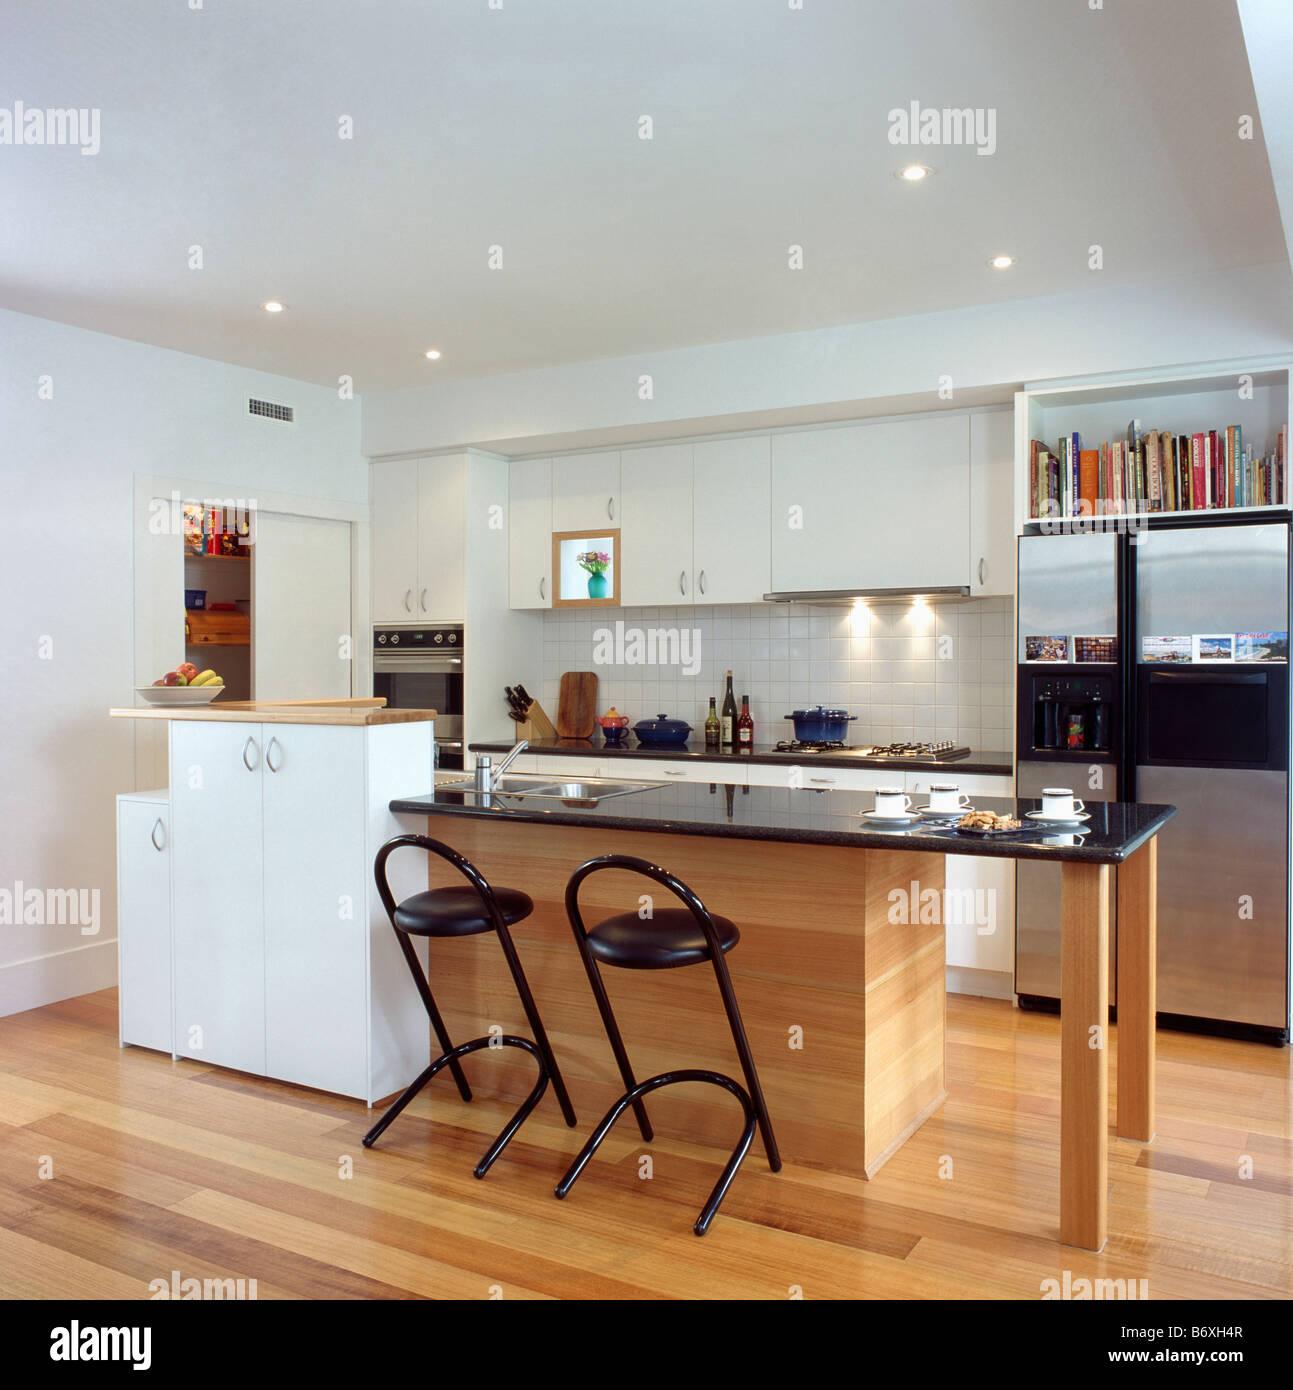 Los taburetes de metal negro en la barra de desayuno con base de madera y encimera de granito negro en la moderna cocina blanca con suelos de madera